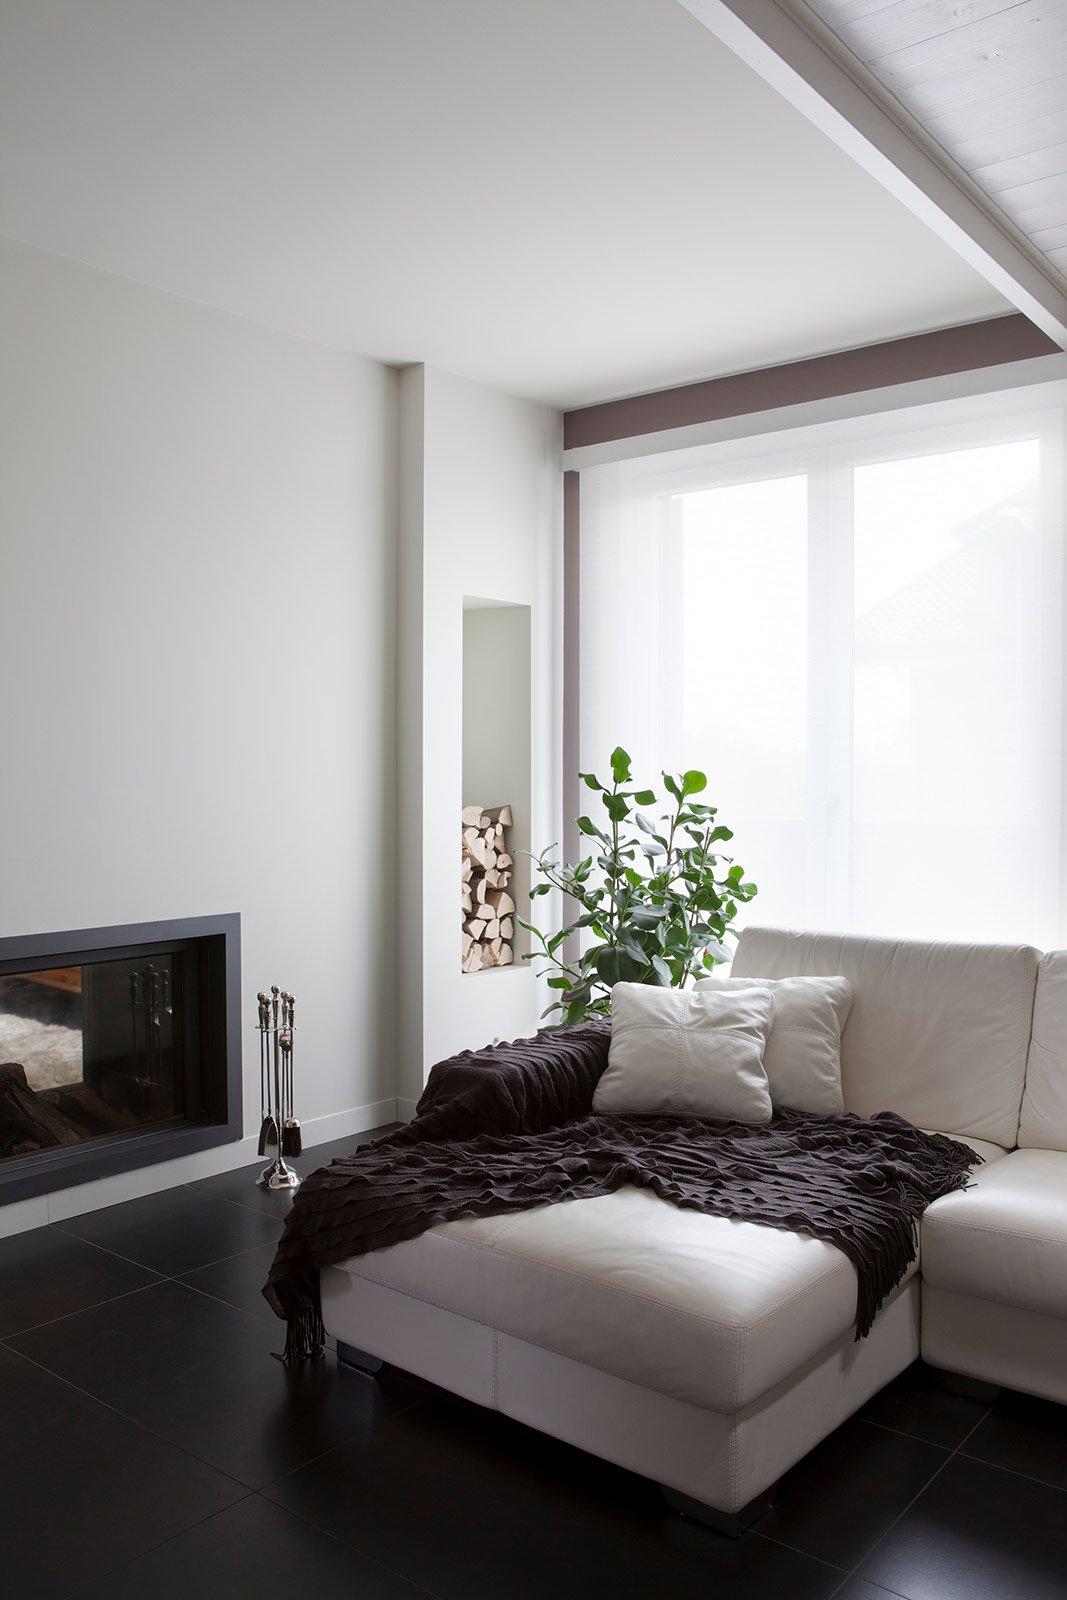 Bianco grigio nero per la casa di gusto contemporaneo cose di casa - Fiere per la casa ...